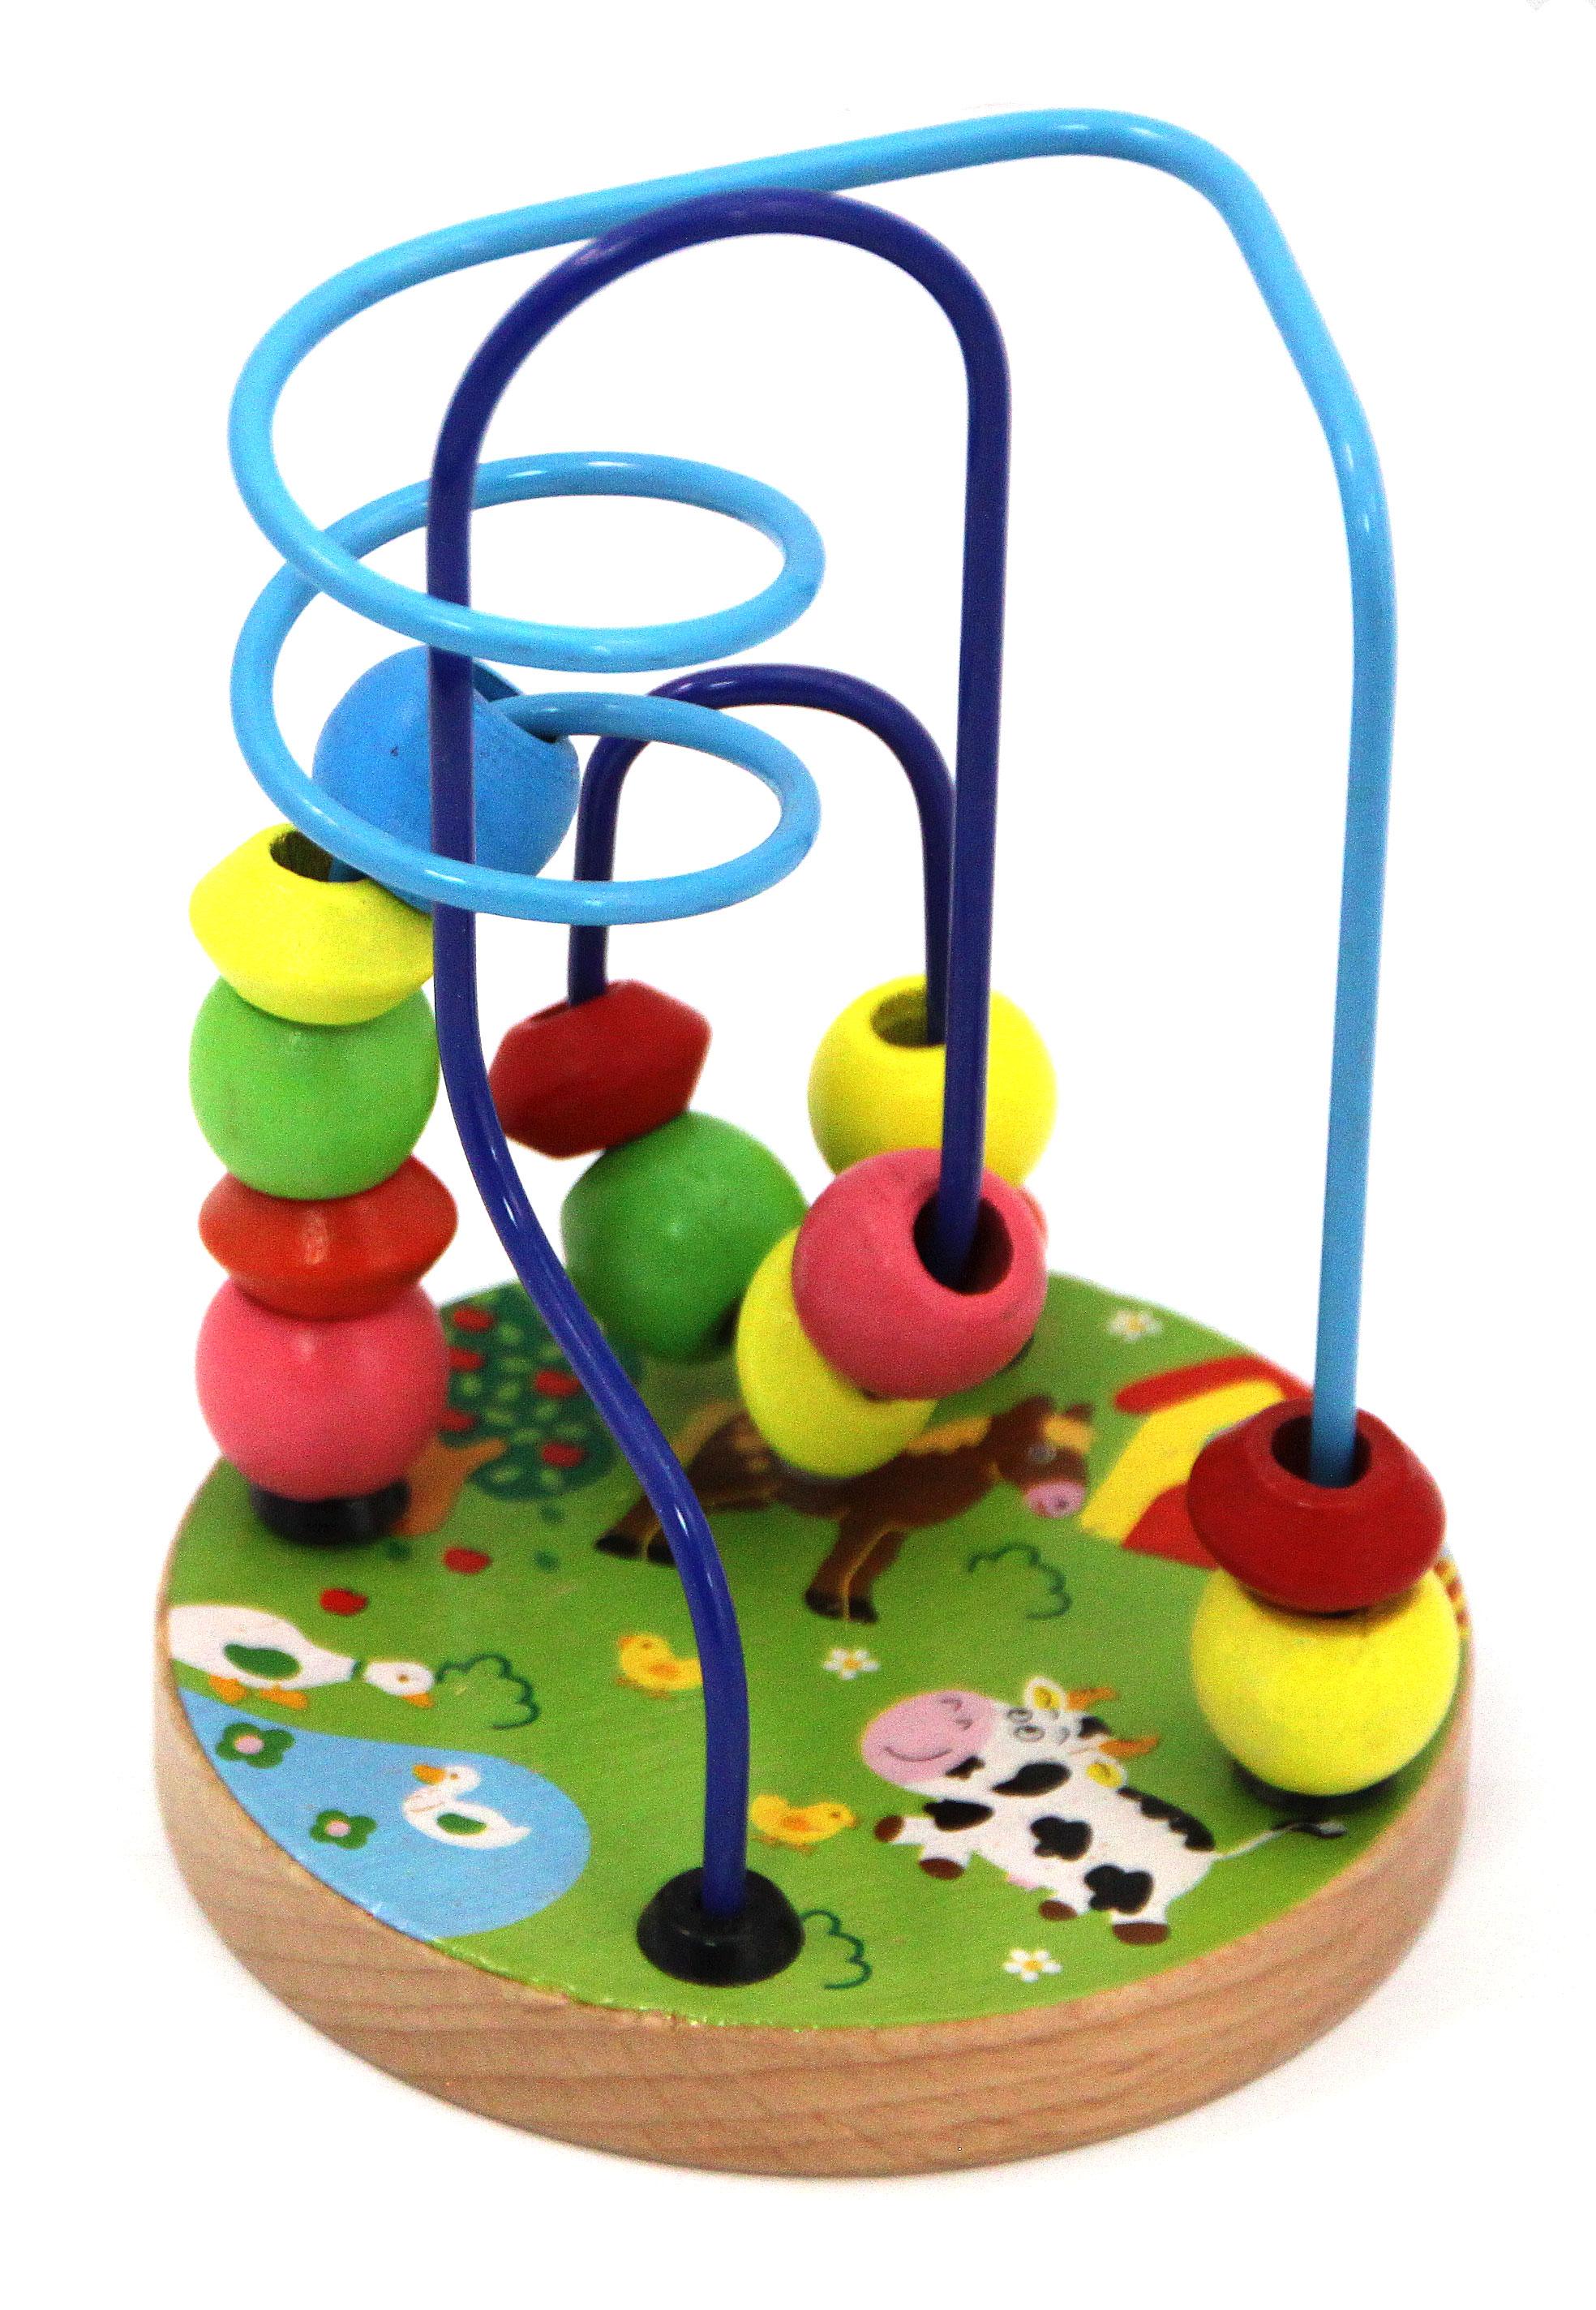 Деревянные игрушки База игрушек Лабиринт деревянный База игрушек в ассортименте лабиринт деревянный база игрушек model 1шт